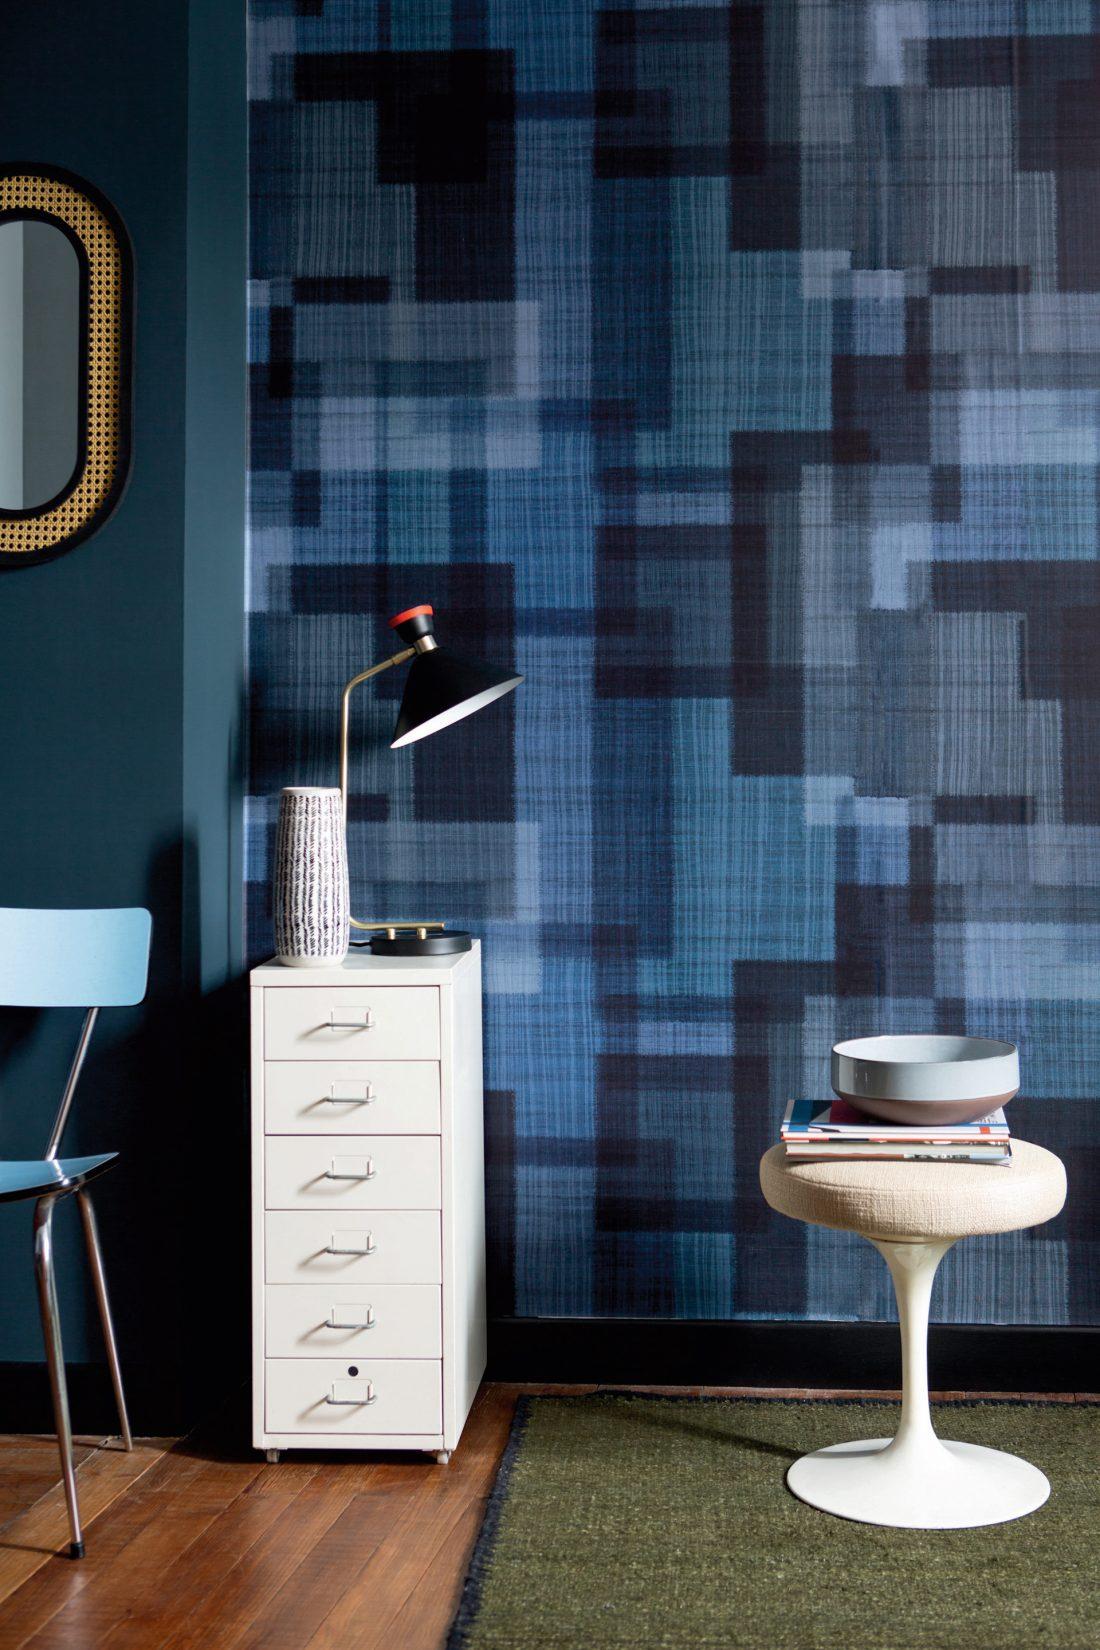 St Leger & Viney: Elitis, wallpaper